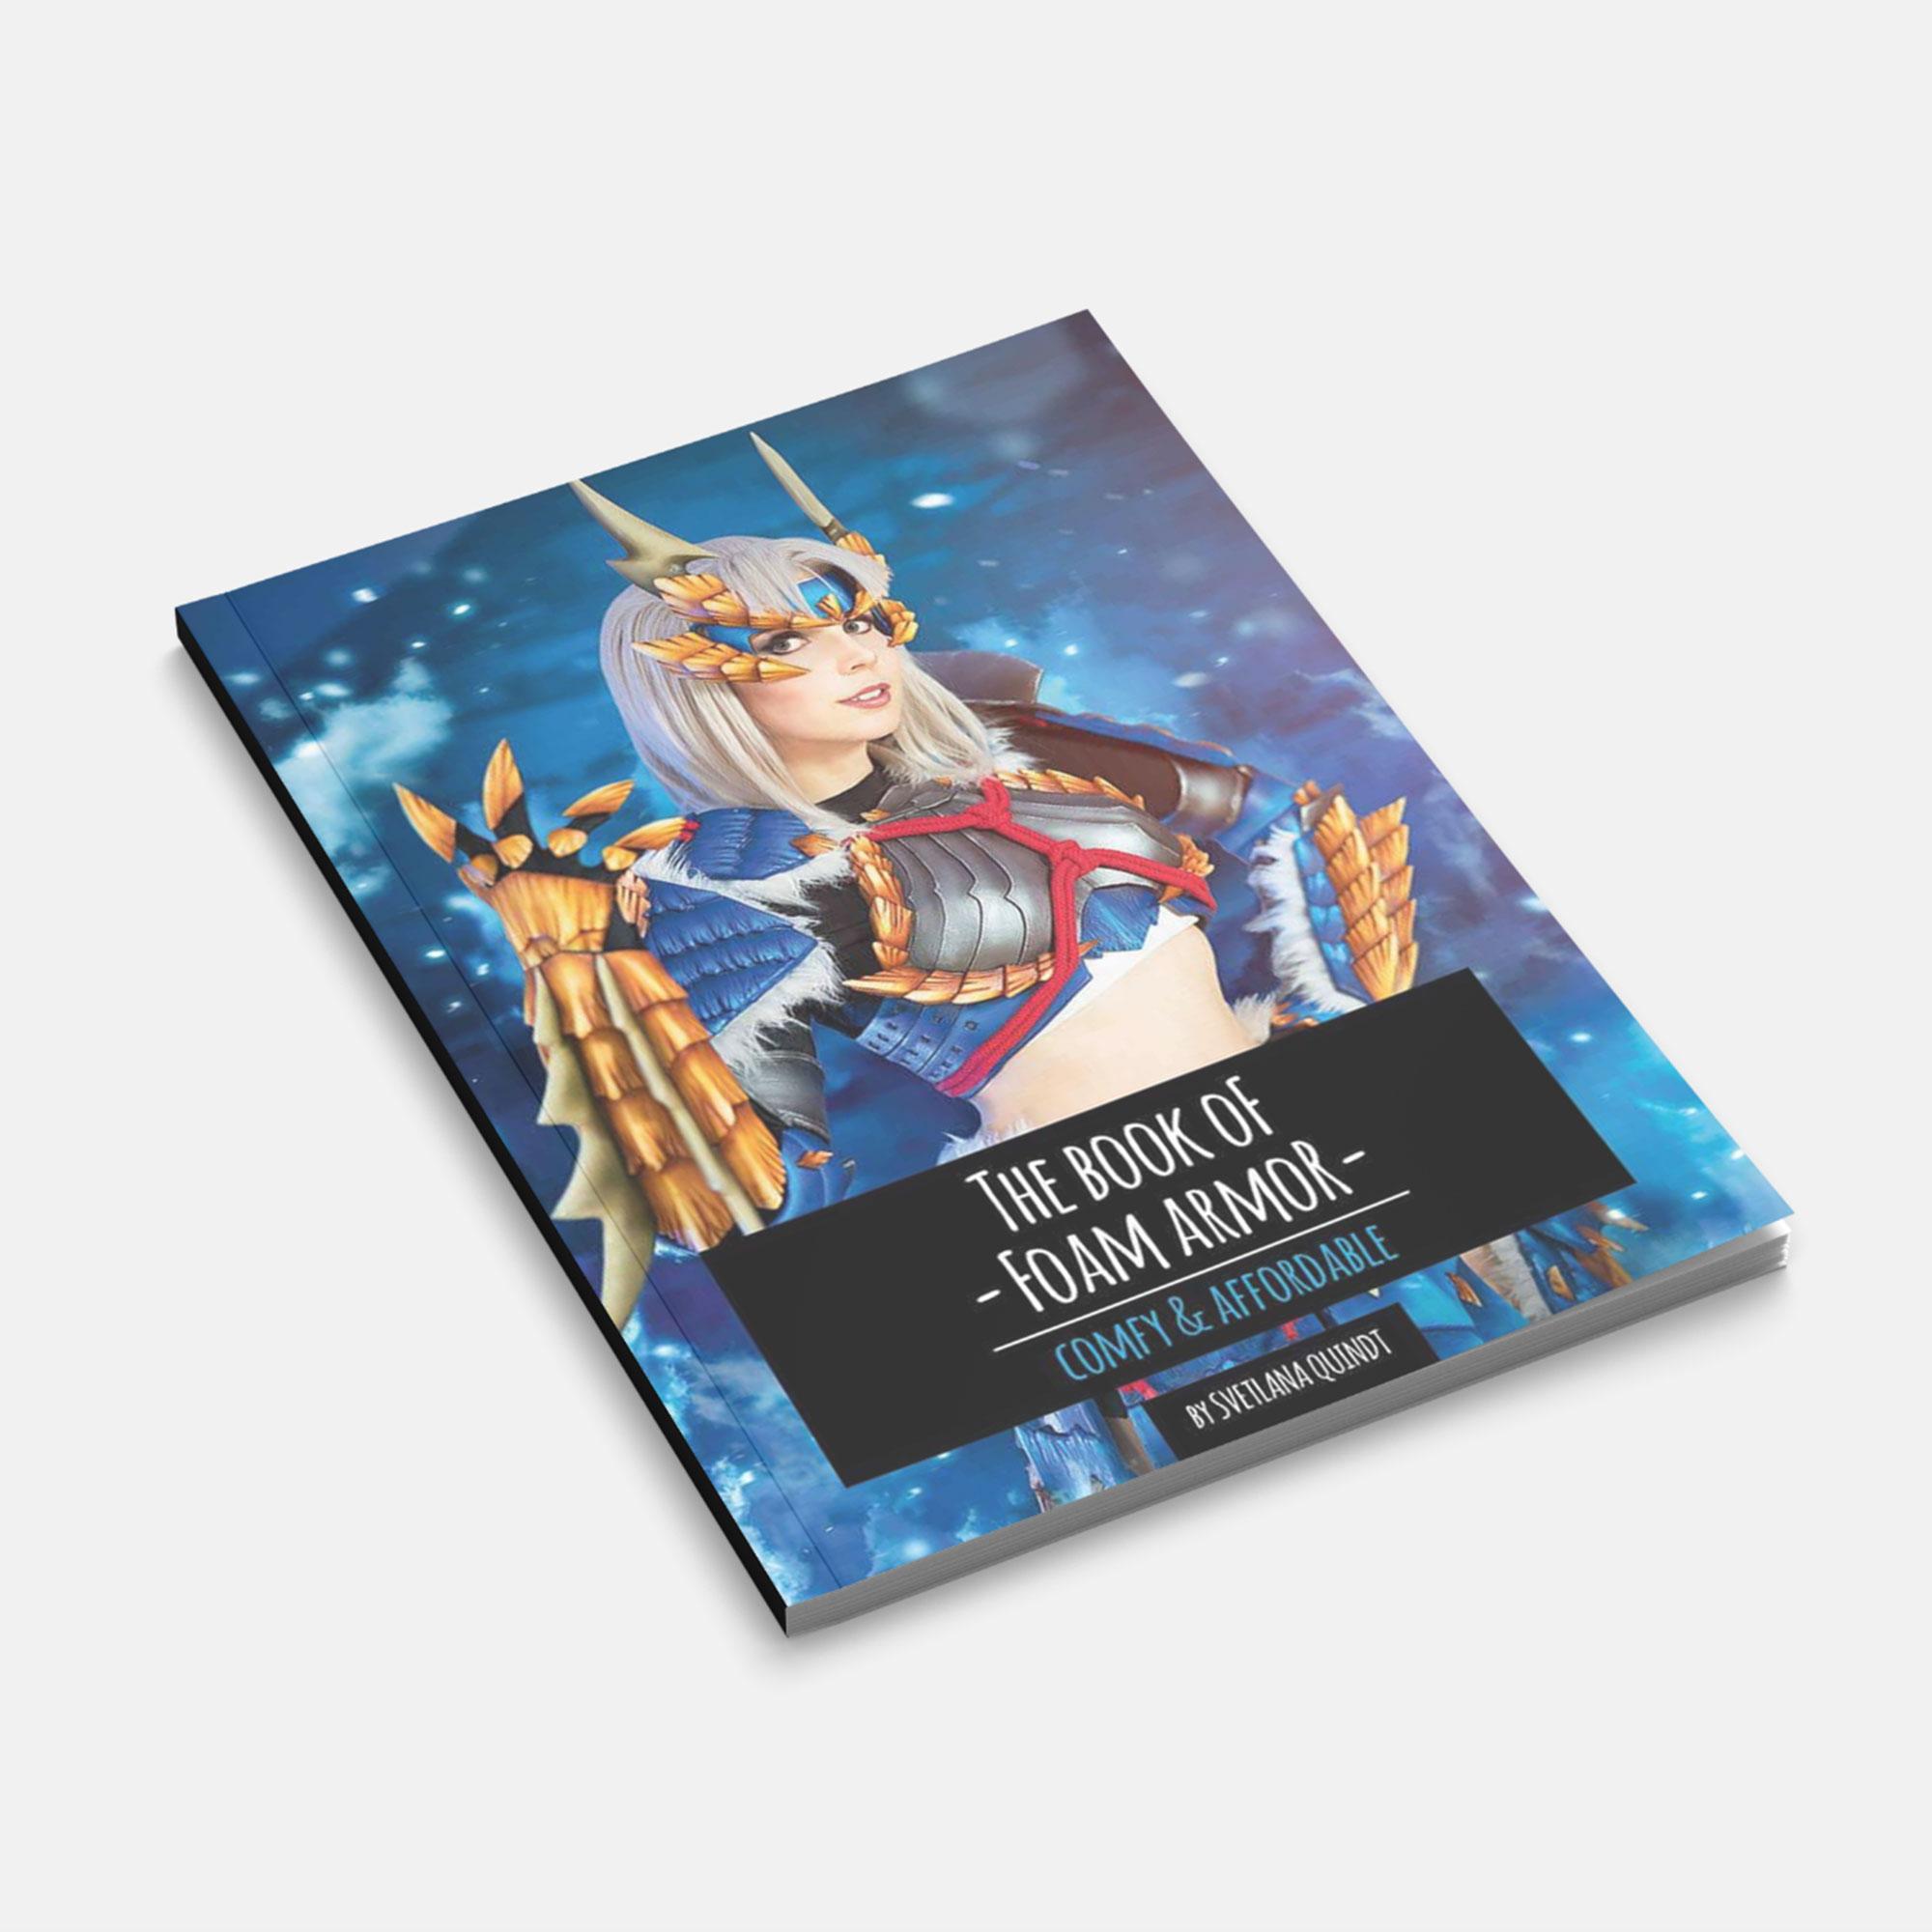 Foam Armor Book